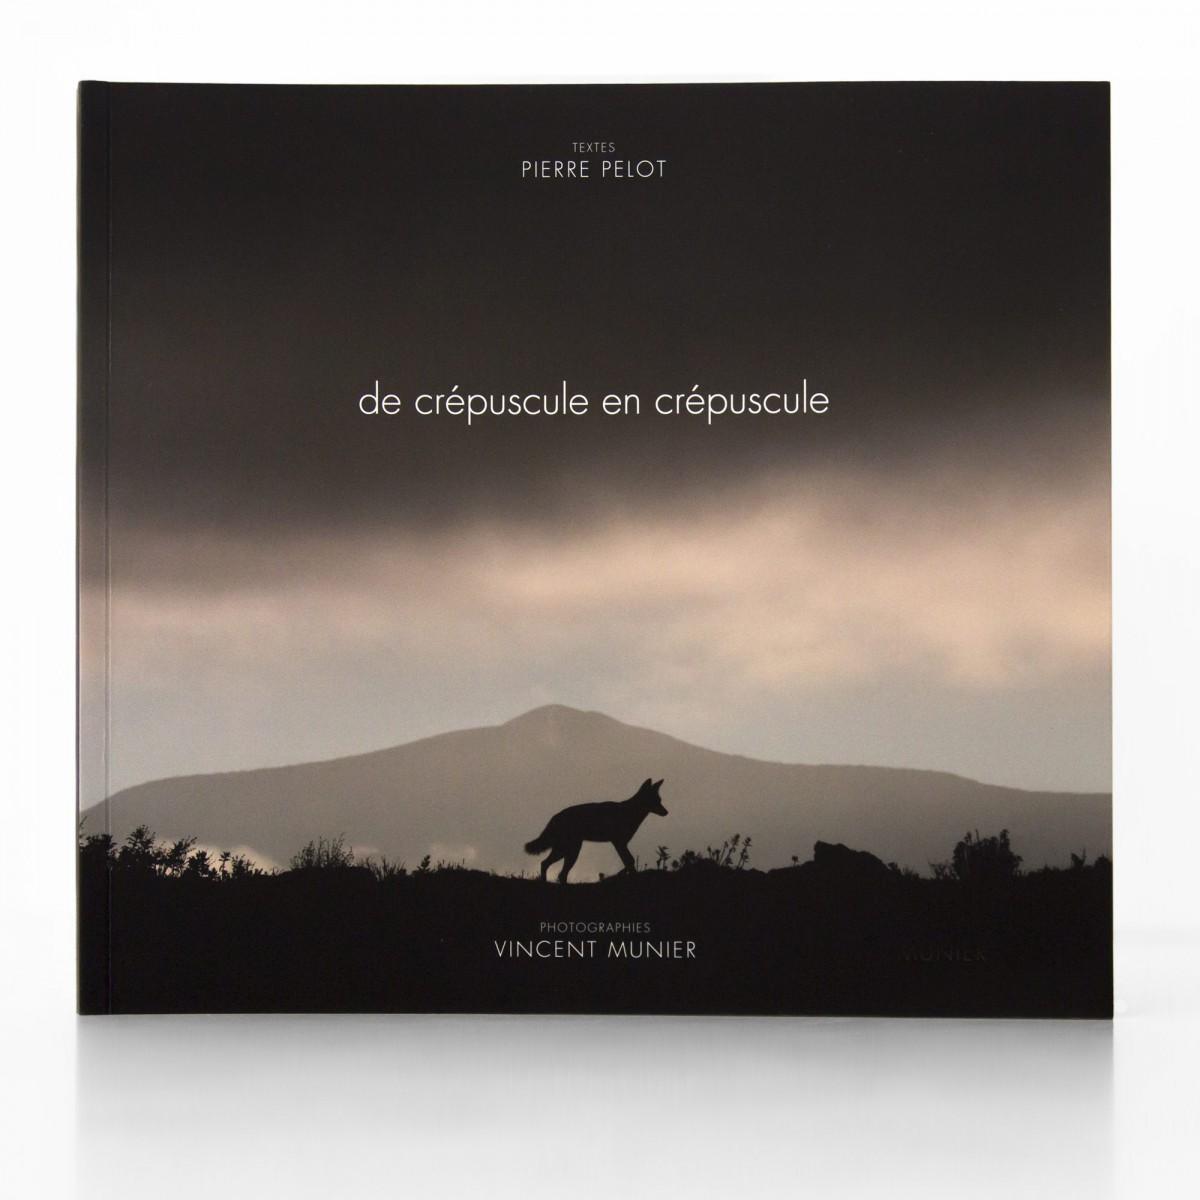 Couverture De Crépuscule en crépuscule - Vincent Munier